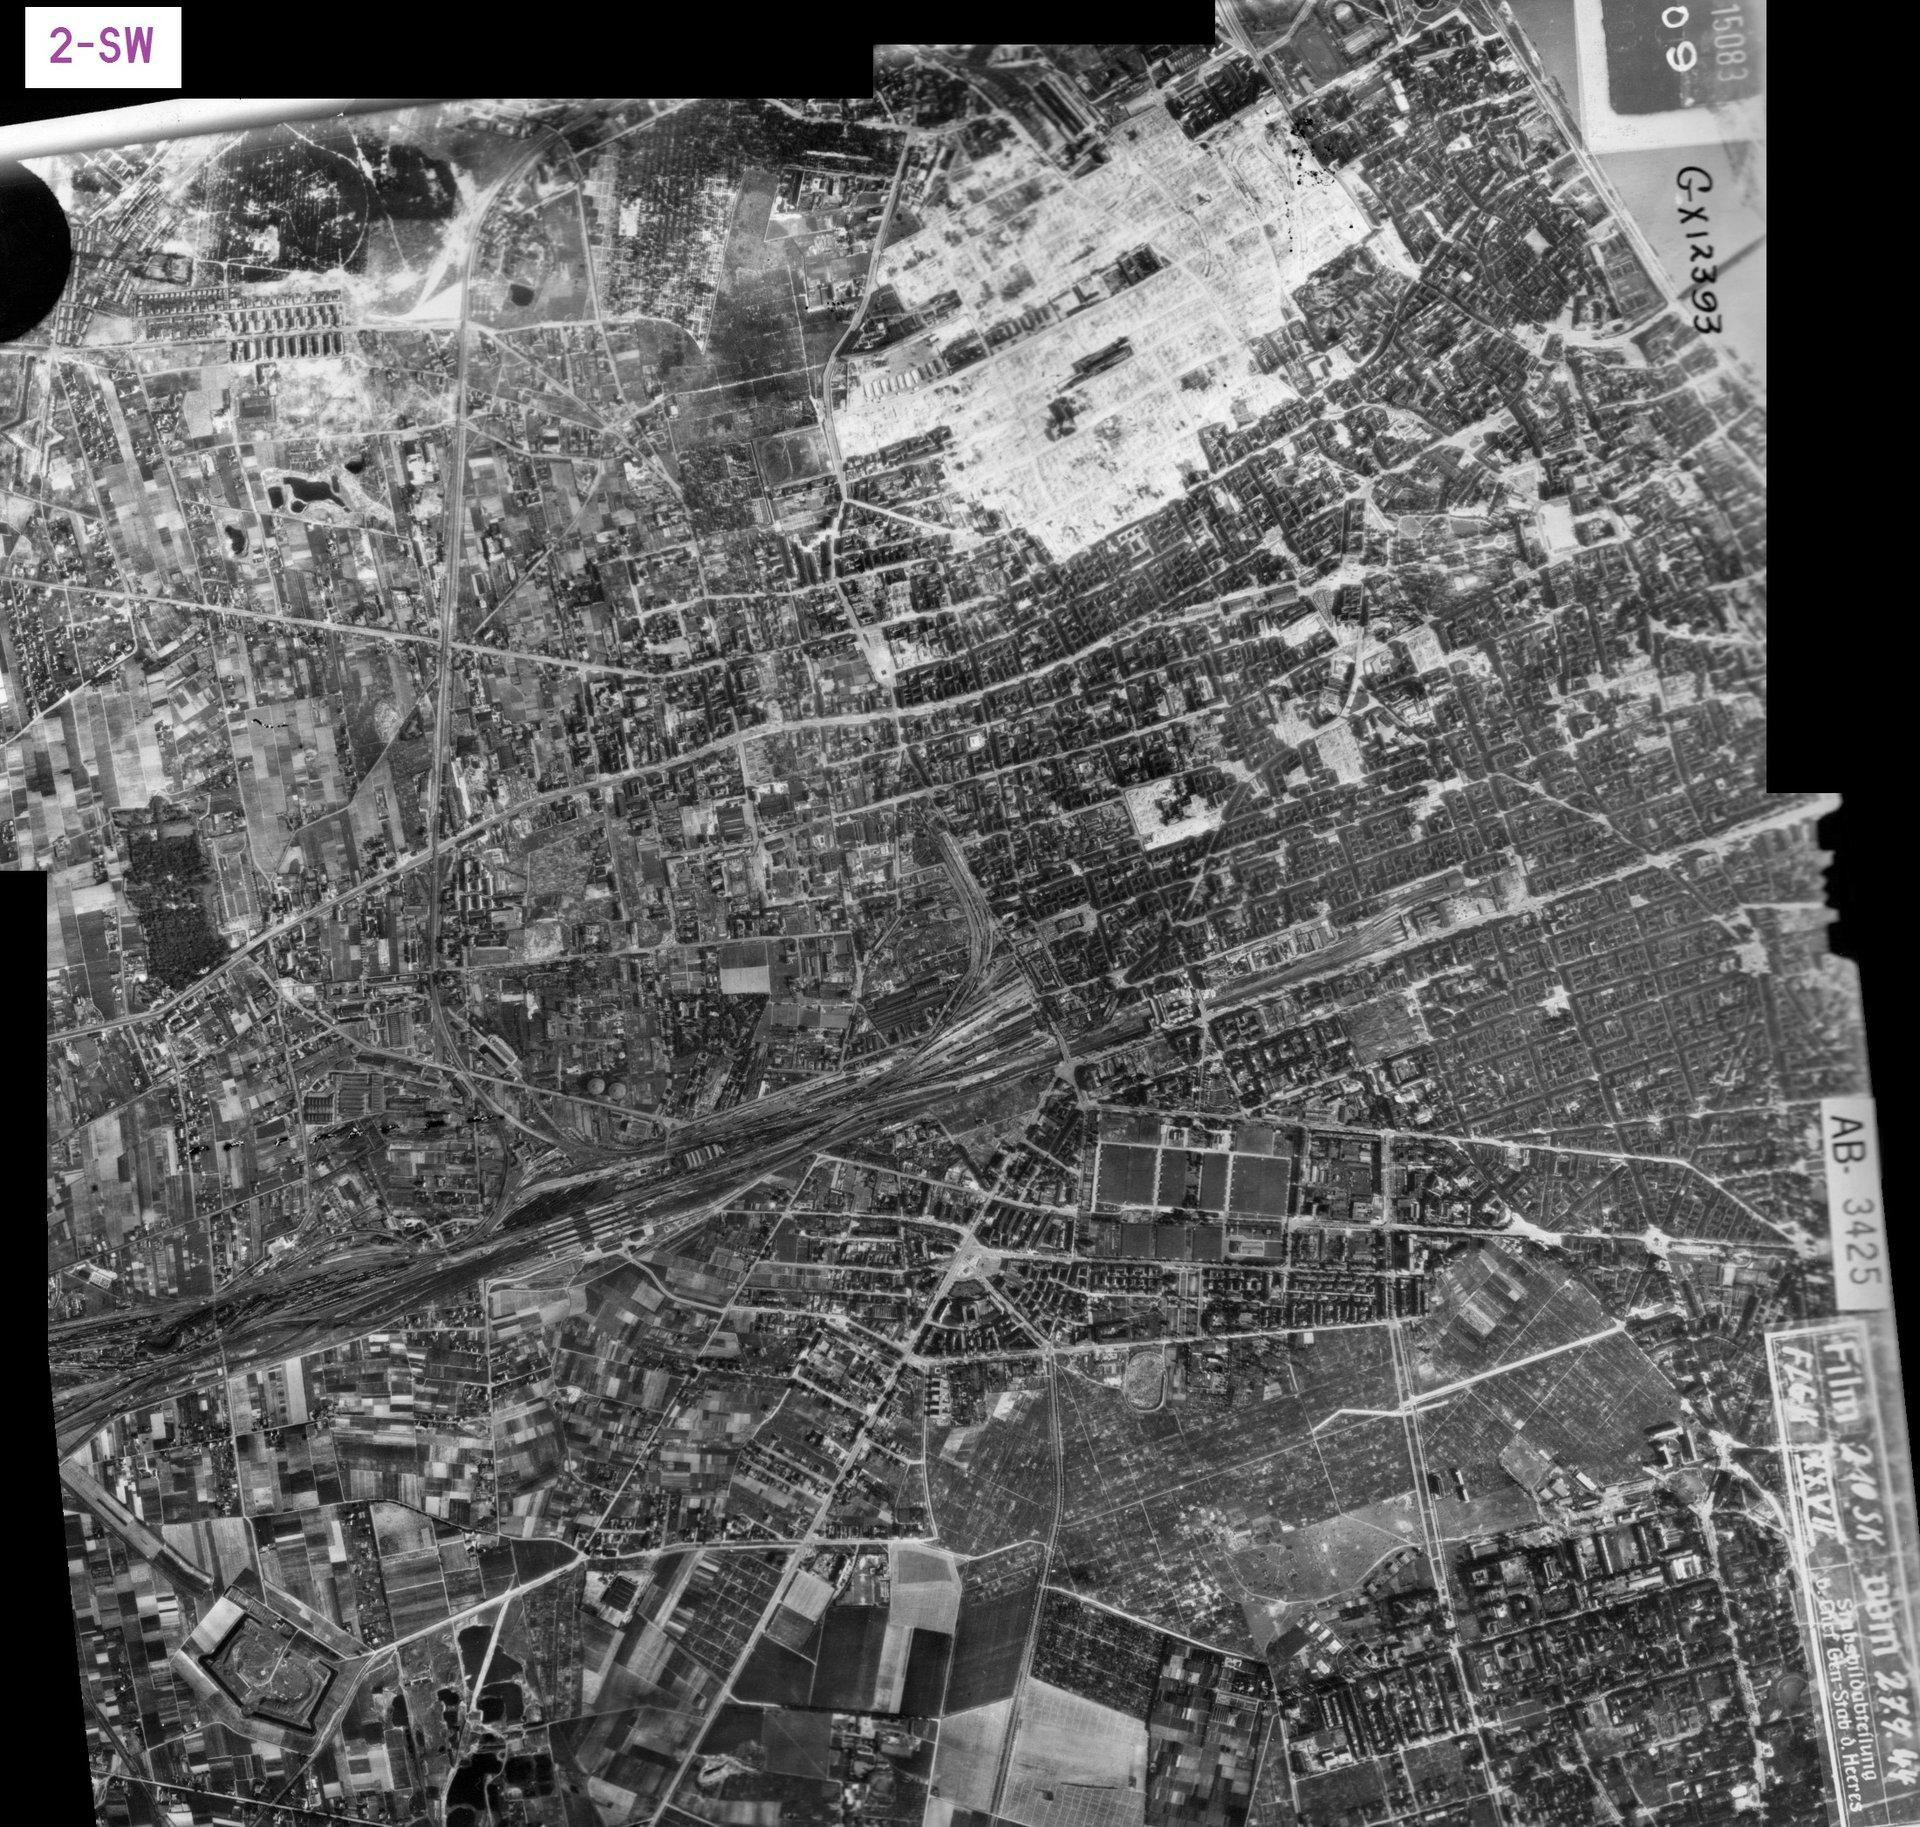 Zdjęcie lotnicze Luftwaffe - Warszawa 27.07.1944 (2-SW).jpg